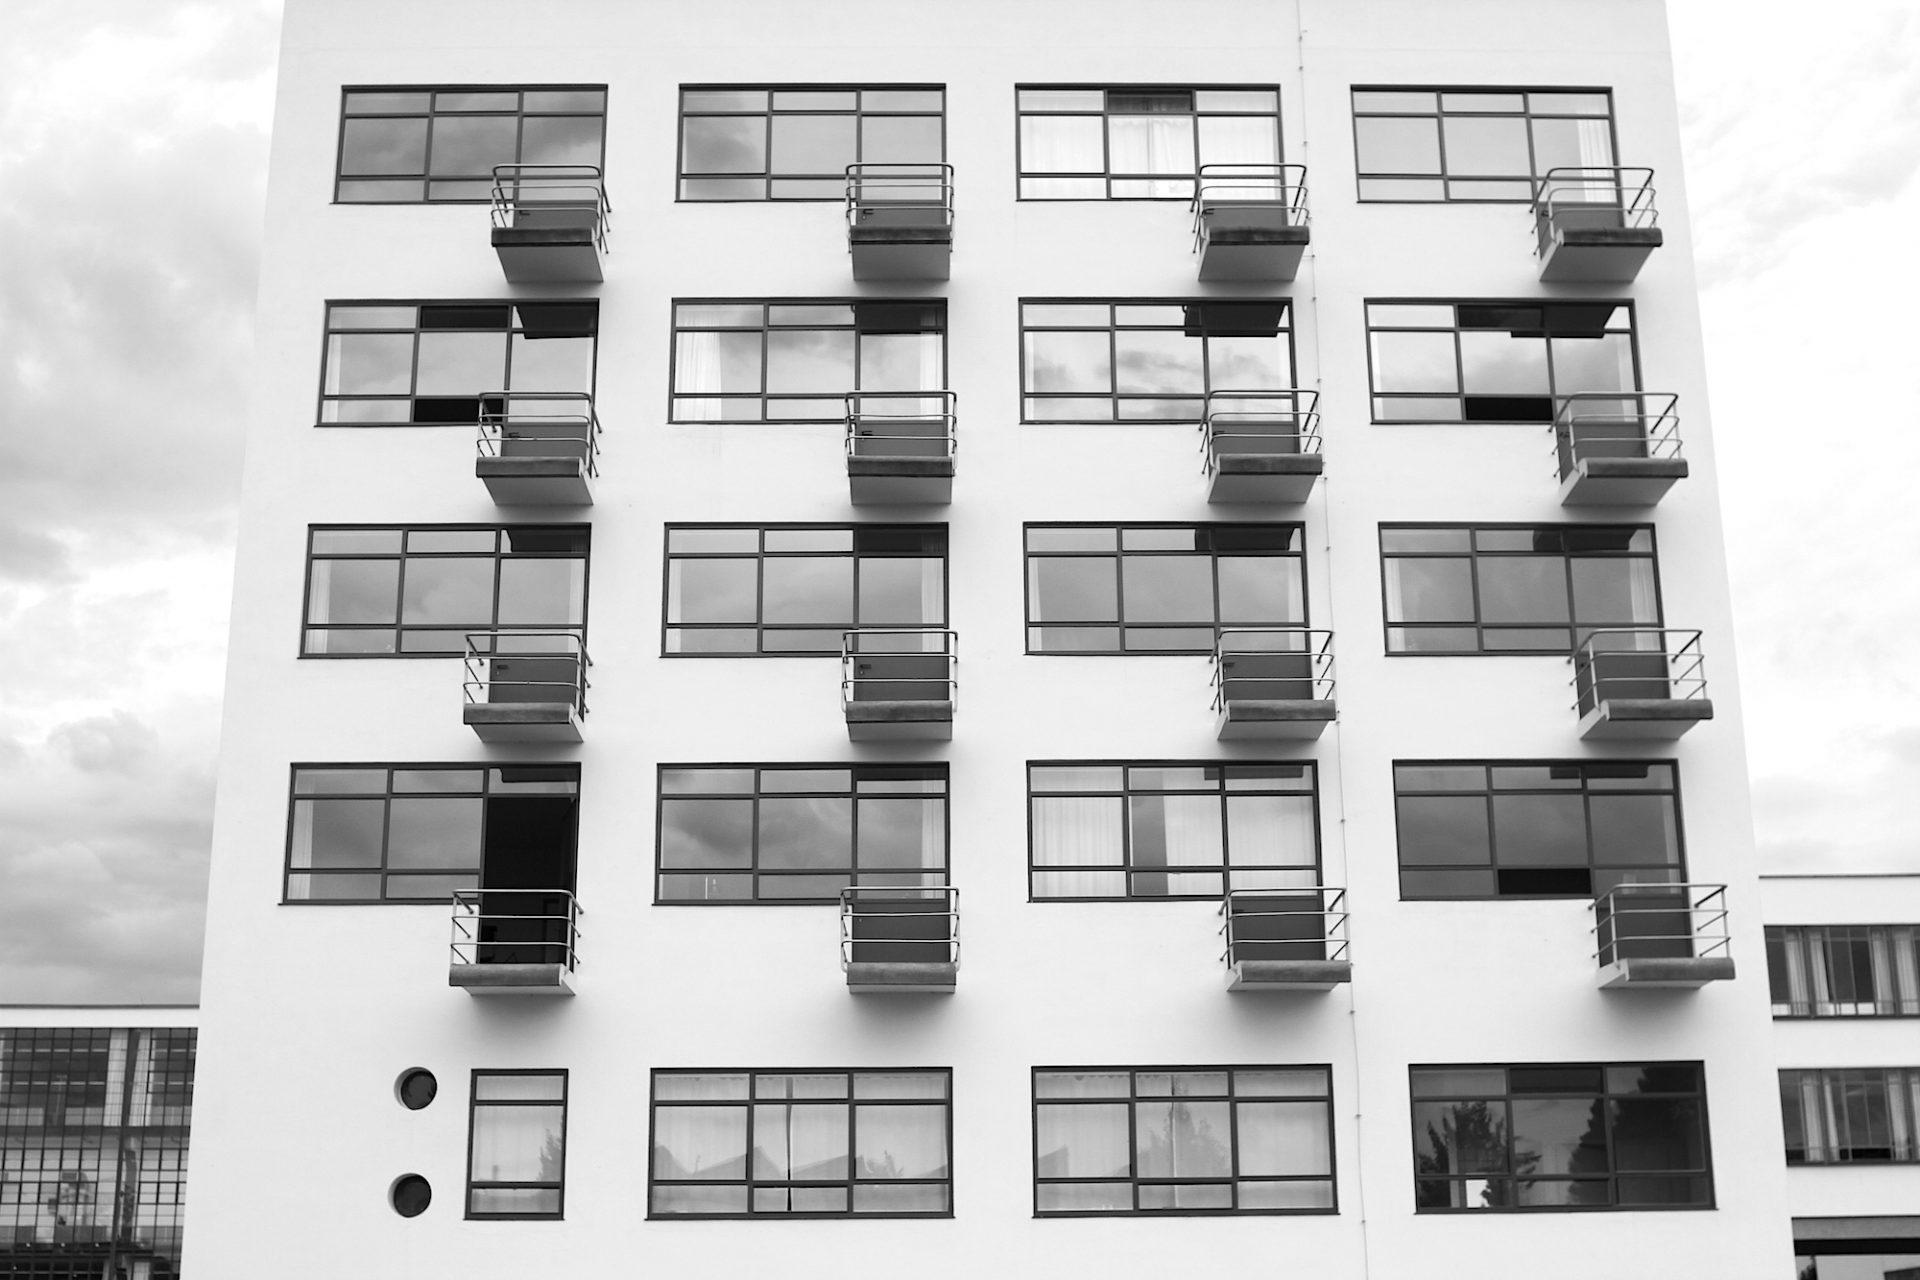 Atelierhaus. Der höchste Körper des Gebäudes